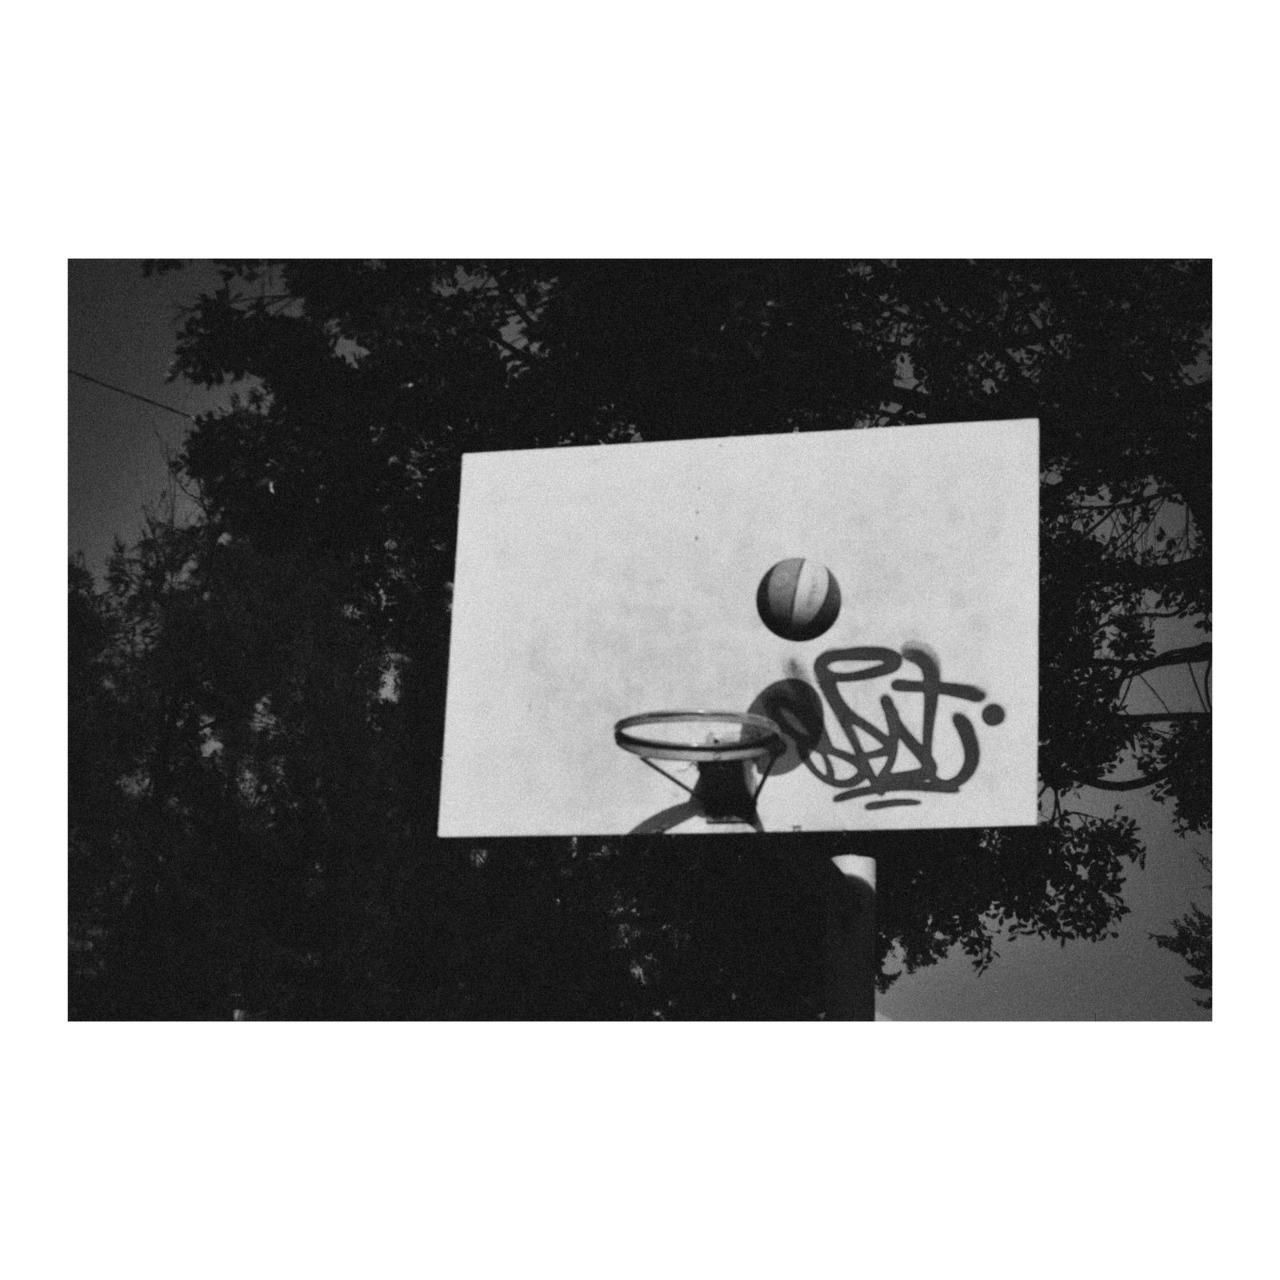 Imagen en blanco y negro  Descripción generada automáticamente con confianza media